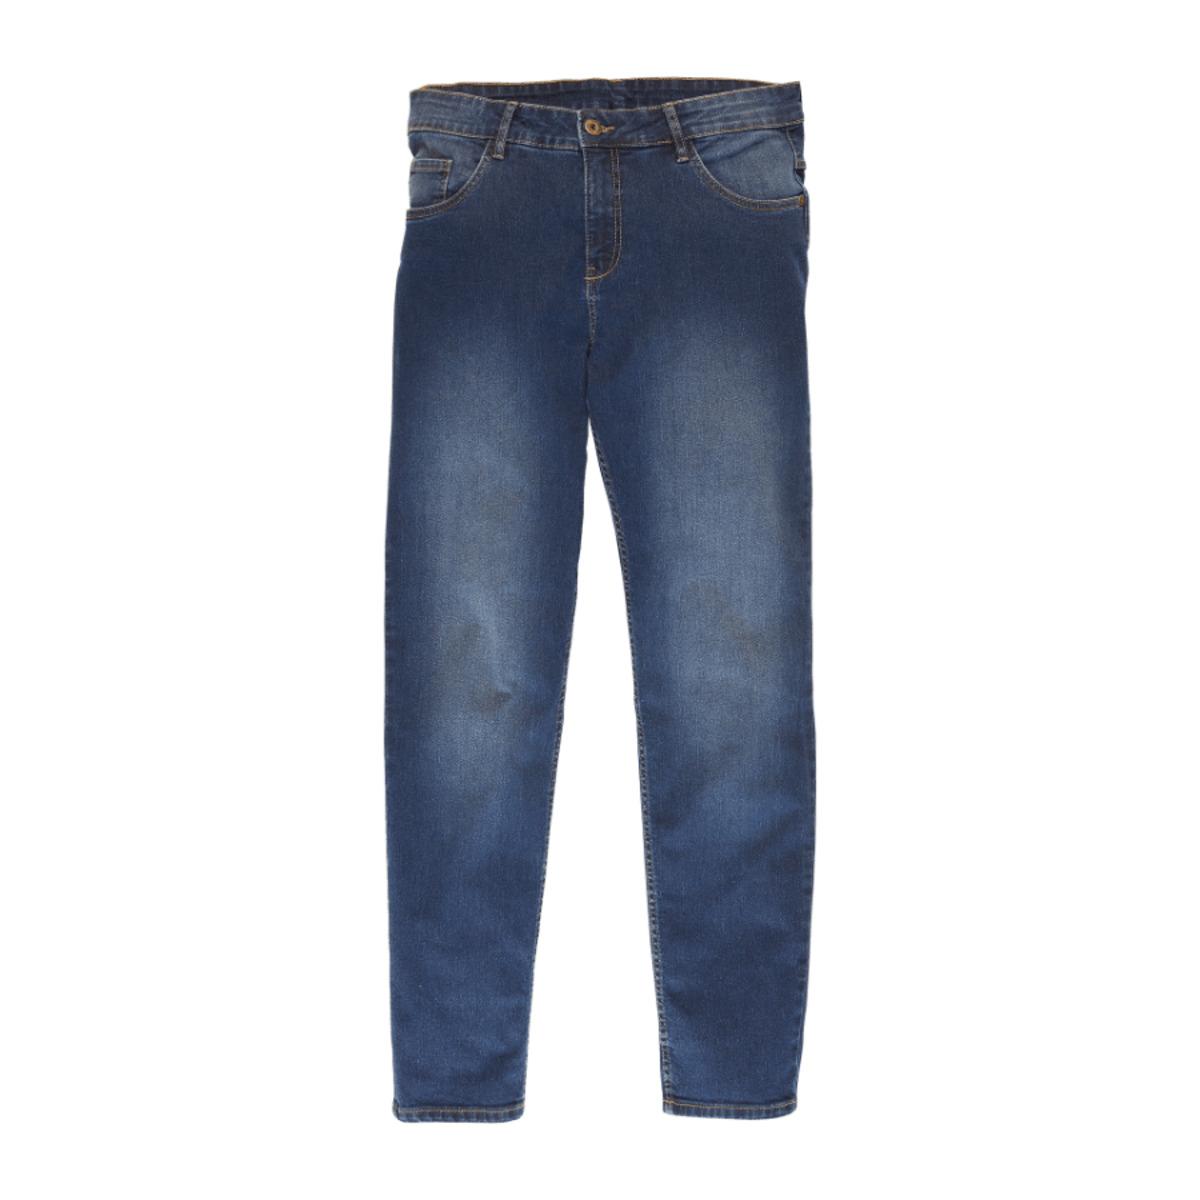 Bild 4 von UP2FASHION     Jeans